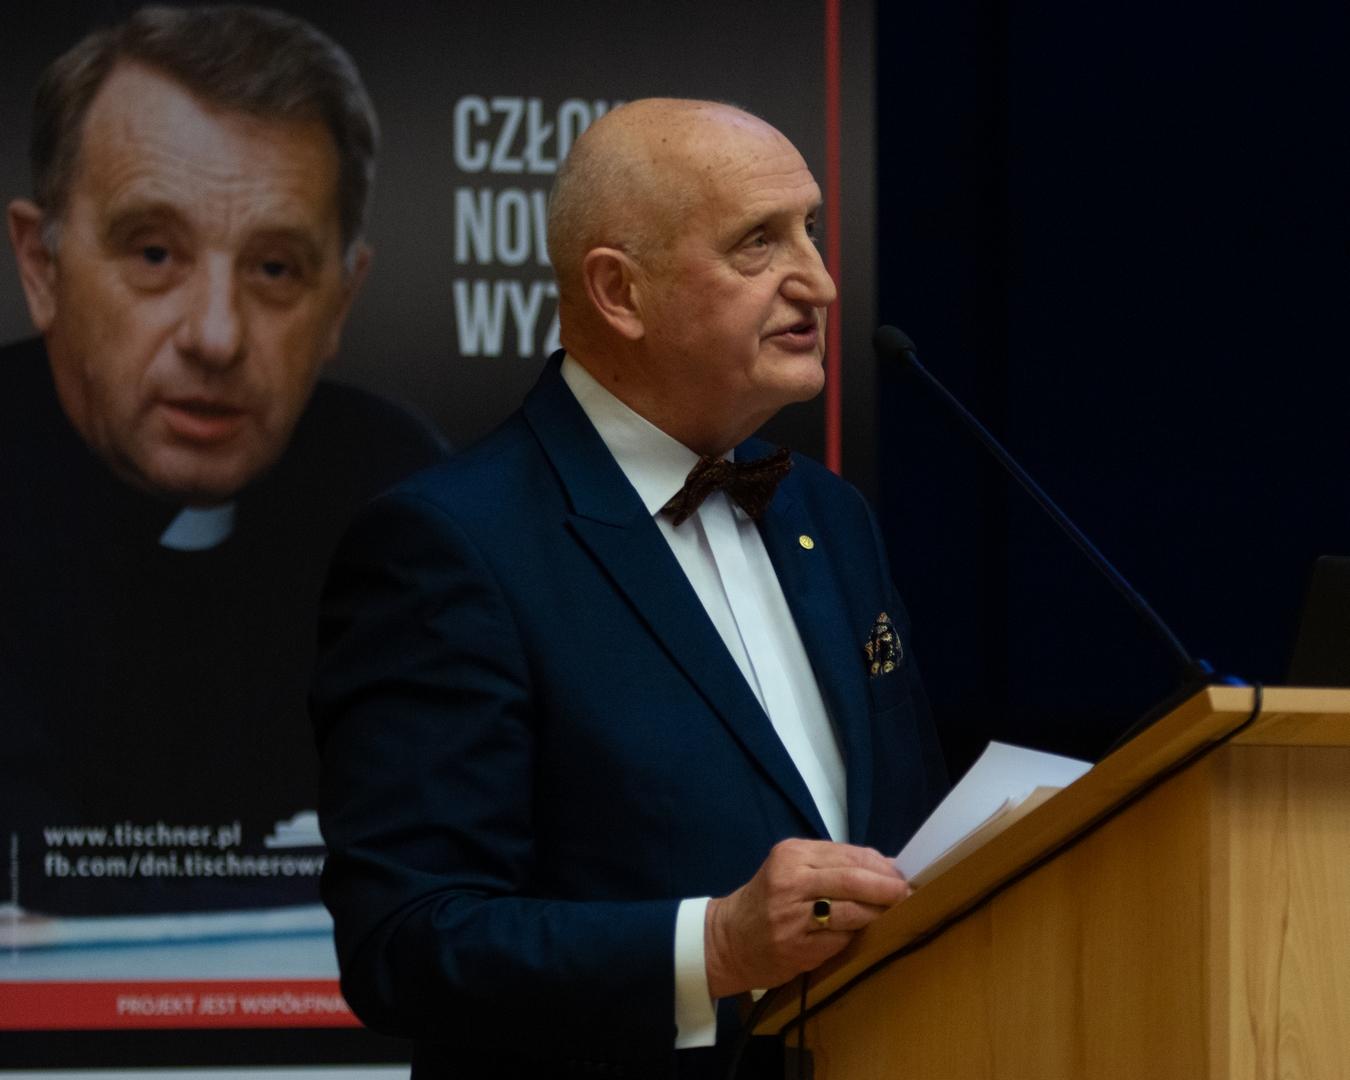 Dni Tischnerowskie 2019: wykład prof. Marka Krawczyka